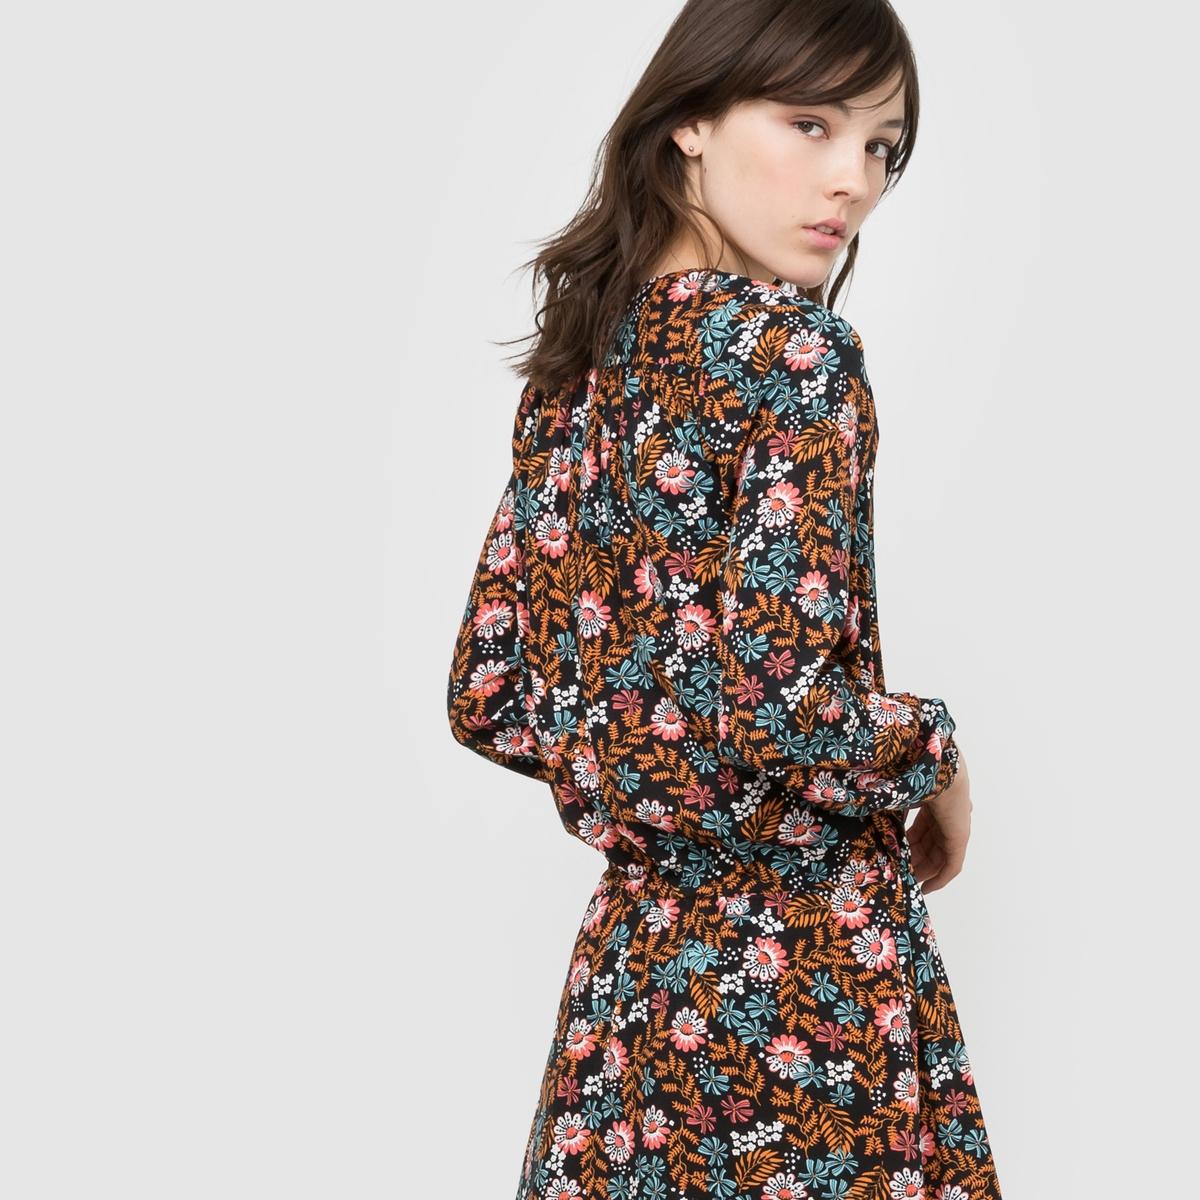 Платье с цветочным рисункомПлатье с цветочным рисунком из струящейся ткани. V-образный закругленный вырез. Длинные рукава с эластичными манжетами. Заниженный пояс на кулиске.  Состав и описаниеМатериал          100% вискозаДлина       94 смУходМашинная стирка при 30 °С с вещами схожих цветовСтирать и гладить с изнаночной стороны<br><br>Цвет: набивной рисунок<br>Размер: 36 (FR) - 42 (RUS).38 (FR) - 44 (RUS).40 (FR) - 46 (RUS).44 (FR) - 50 (RUS).46 (FR) - 52 (RUS).52 (FR) - 58 (RUS)